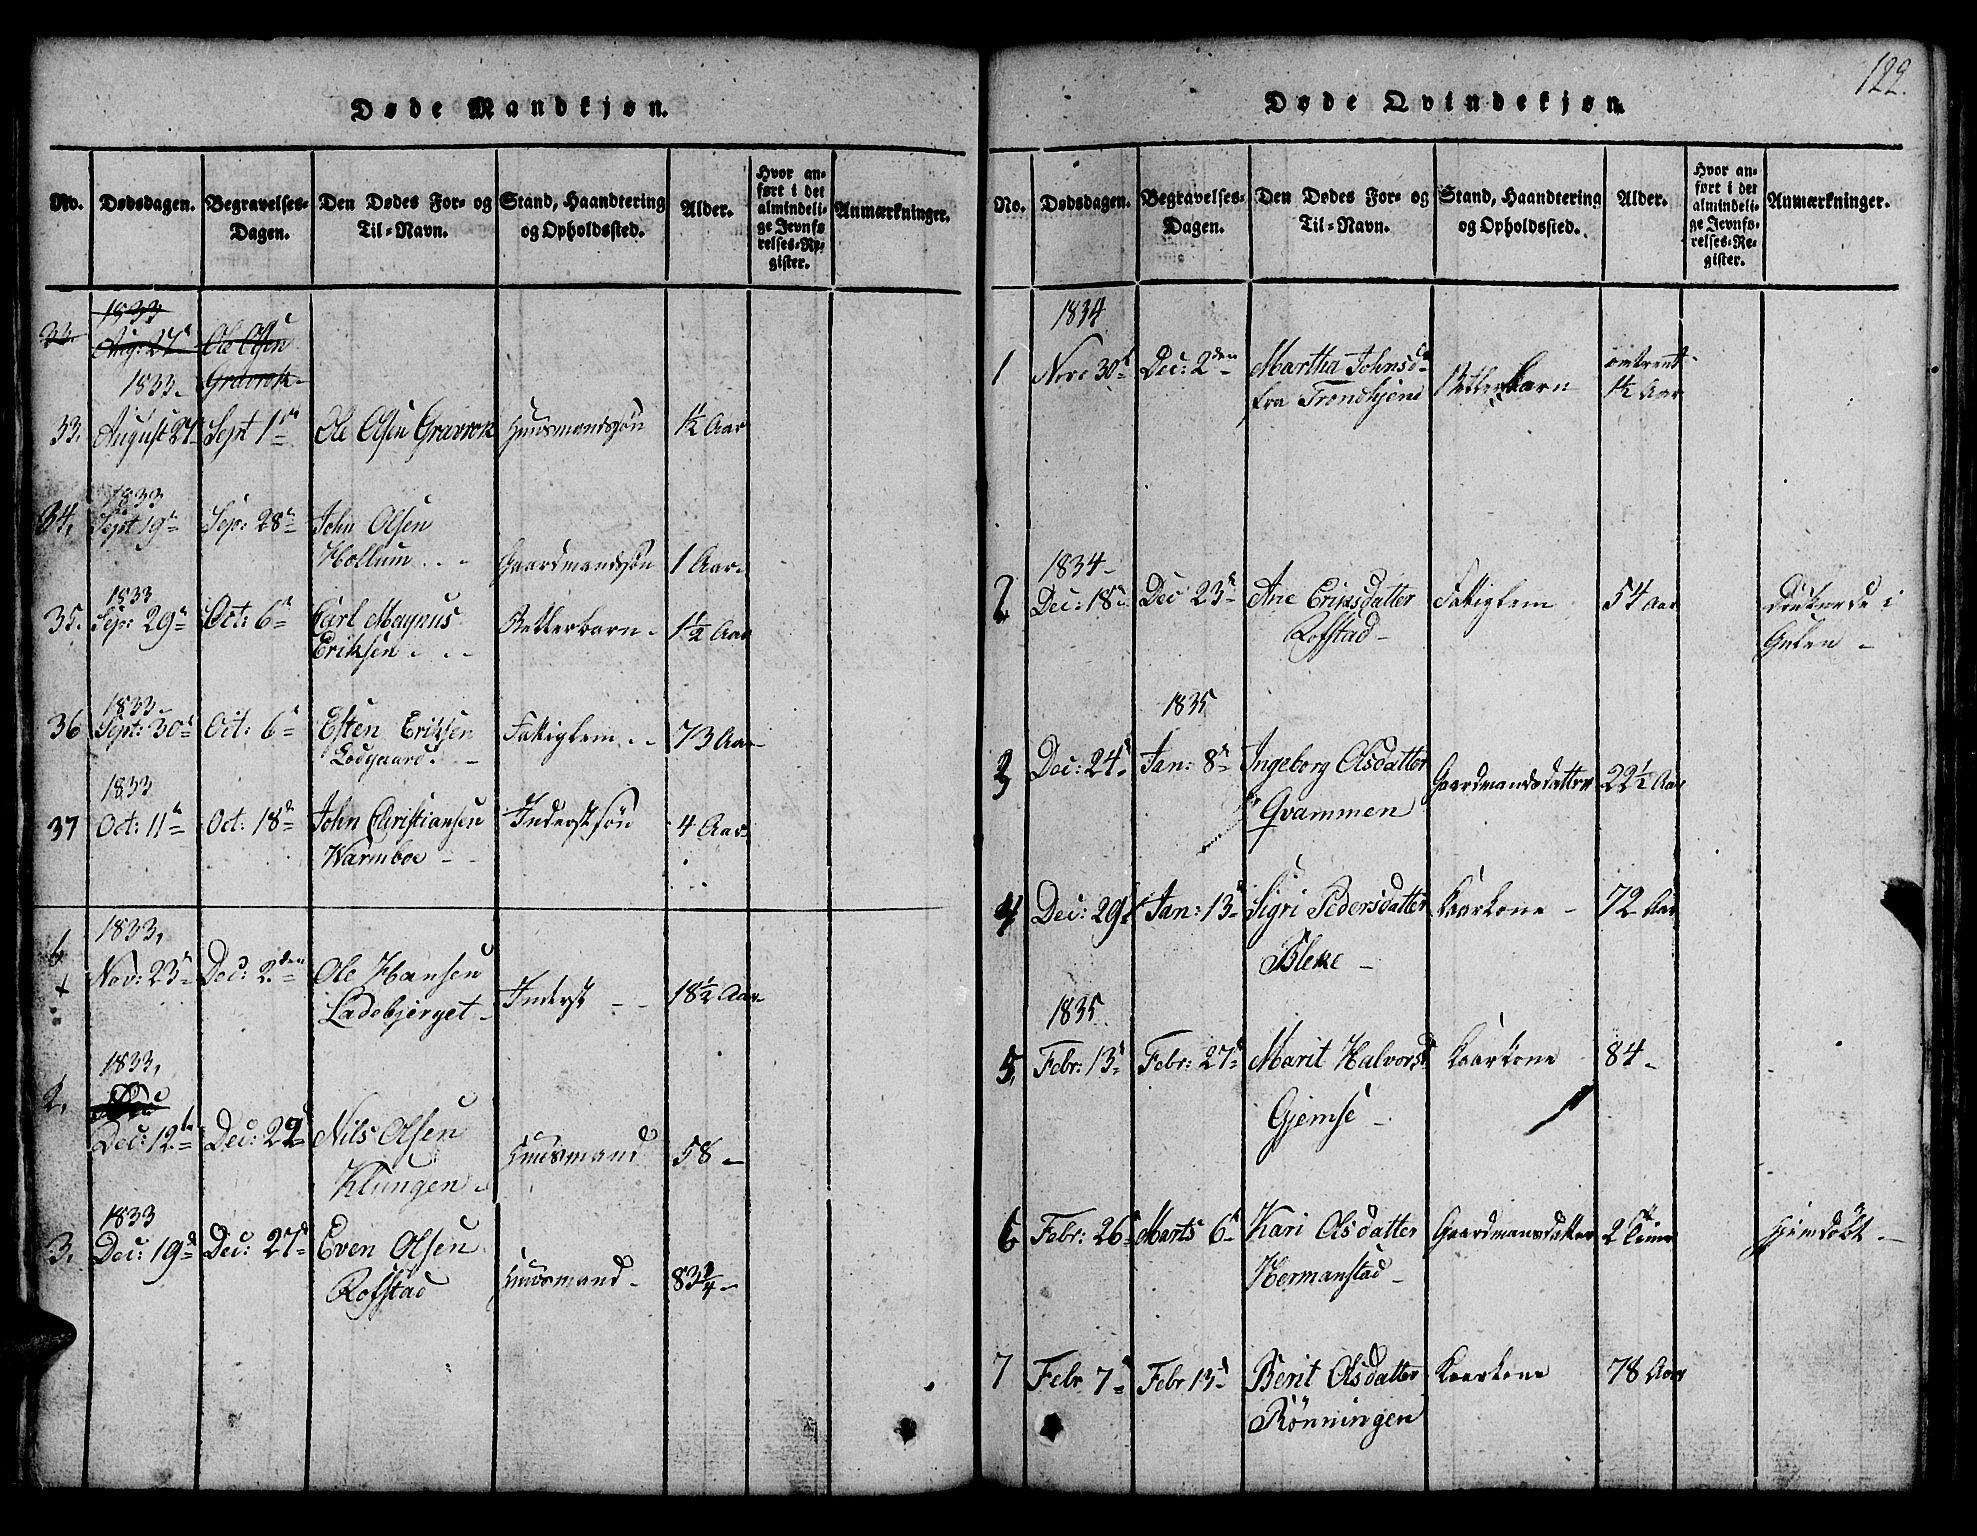 SAT, Ministerialprotokoller, klokkerbøker og fødselsregistre - Sør-Trøndelag, 691/L1092: Klokkerbok nr. 691C03, 1816-1852, s. 122